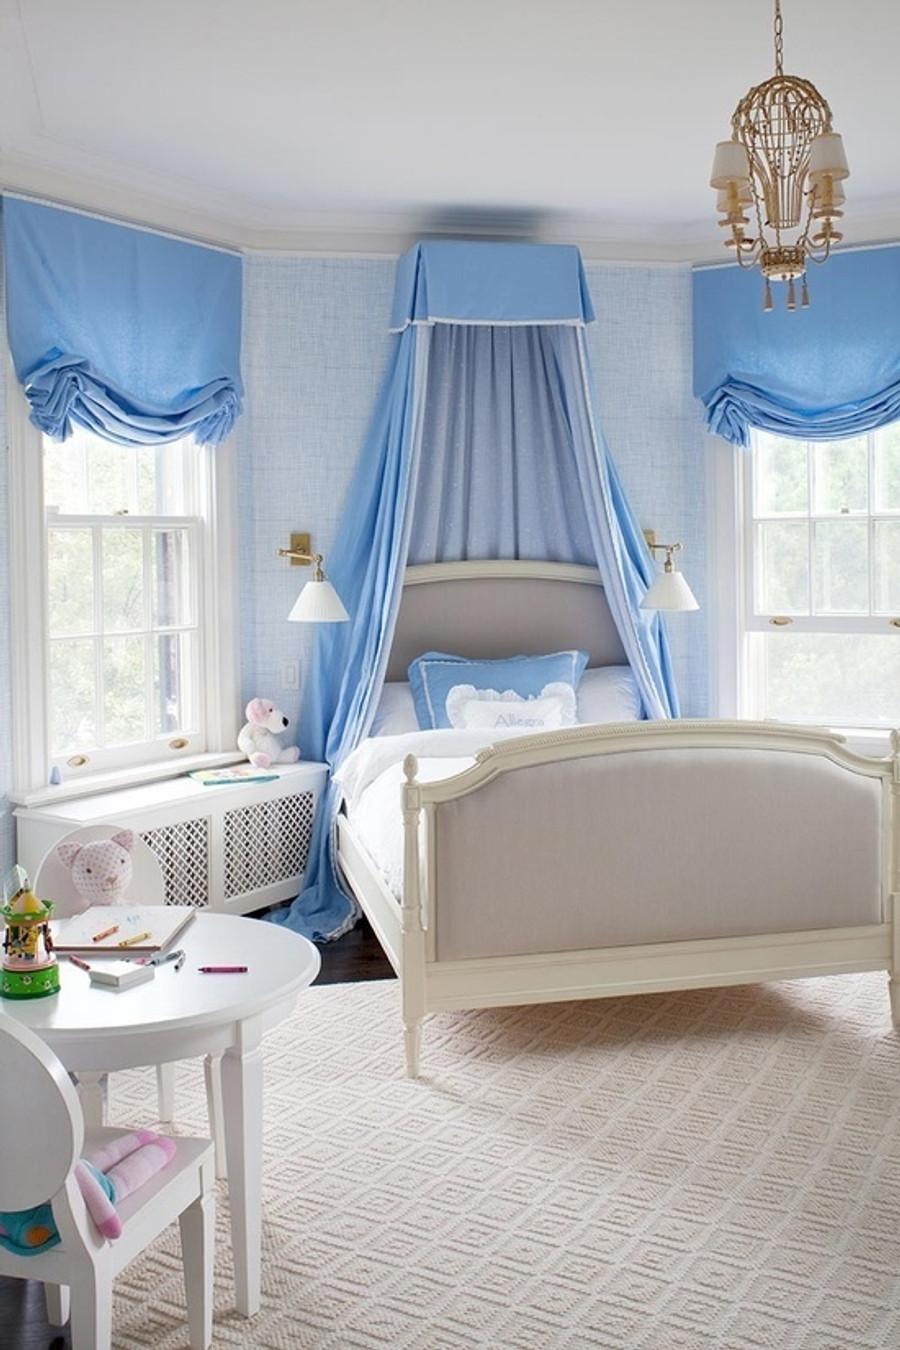 Bedroom Roman Shades in Blue (Anne Hepfer)